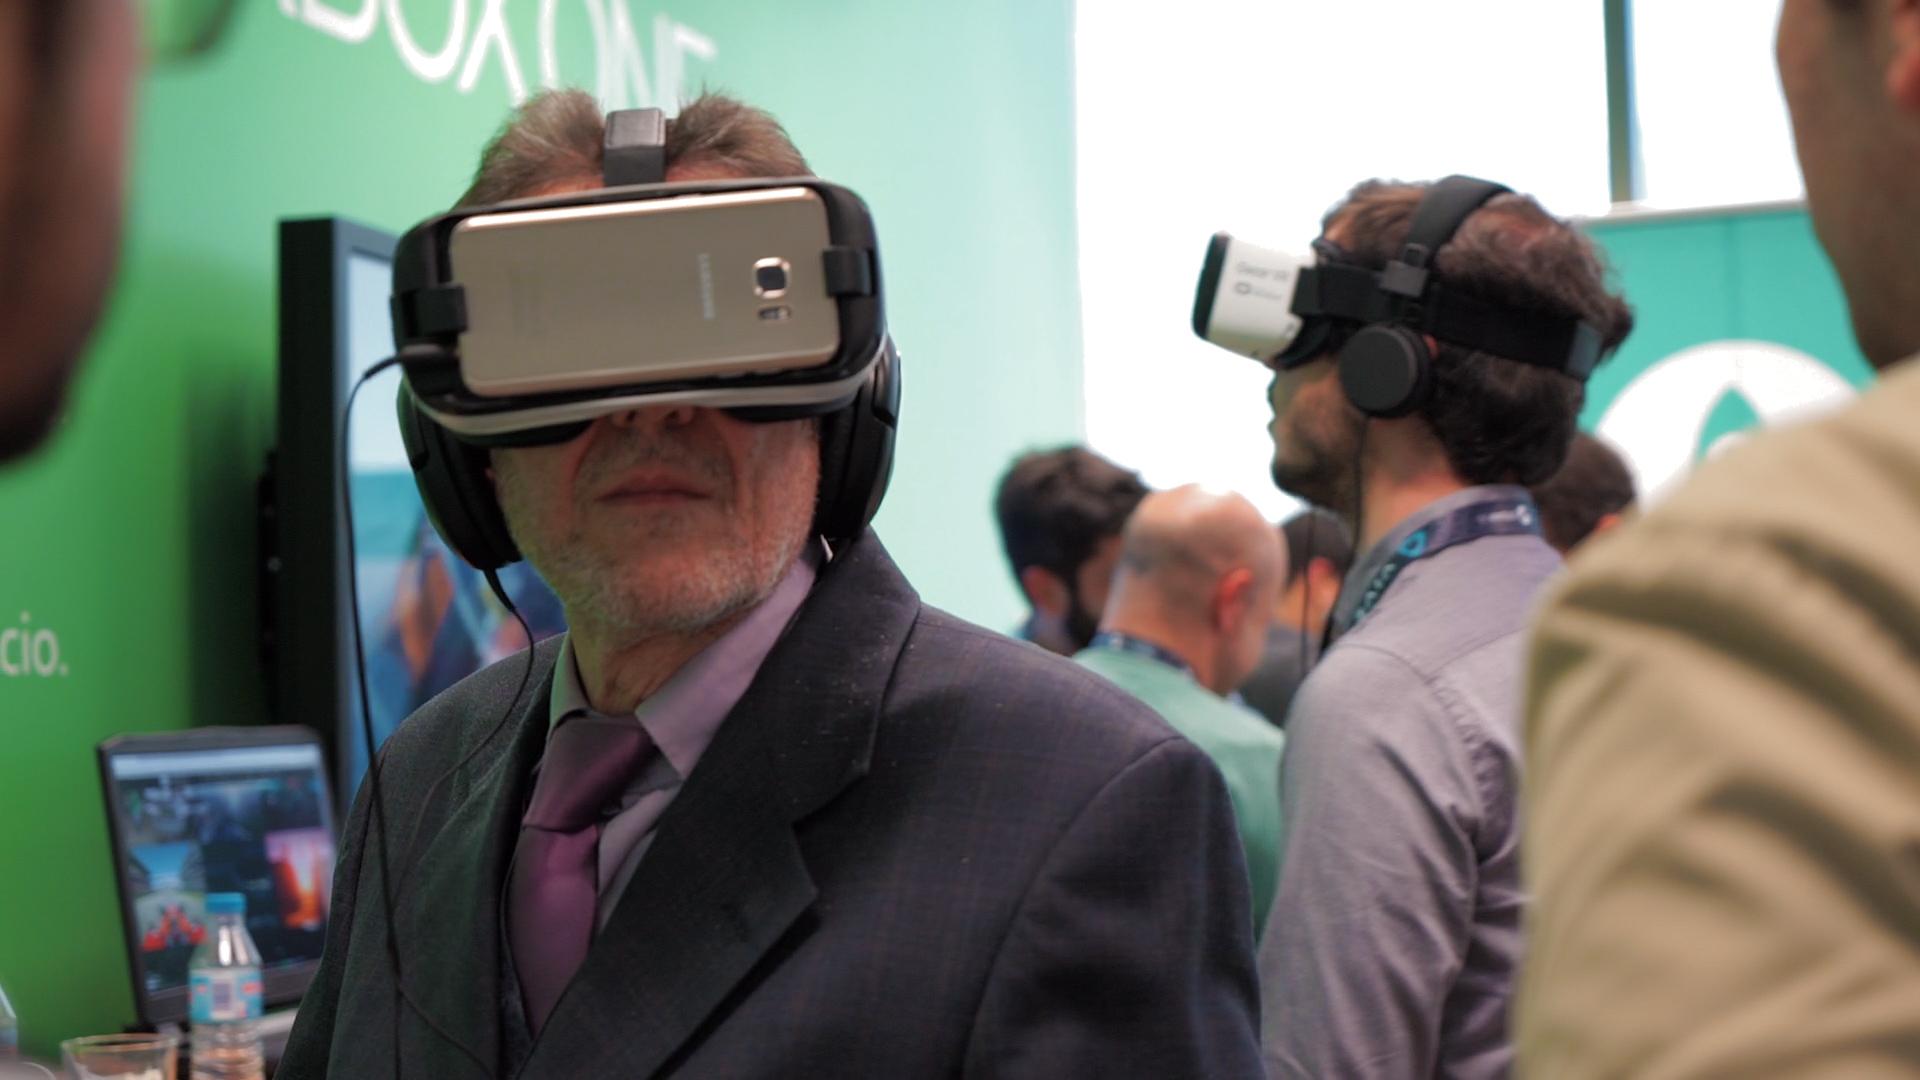 La realidad virtual, ocio y negocio